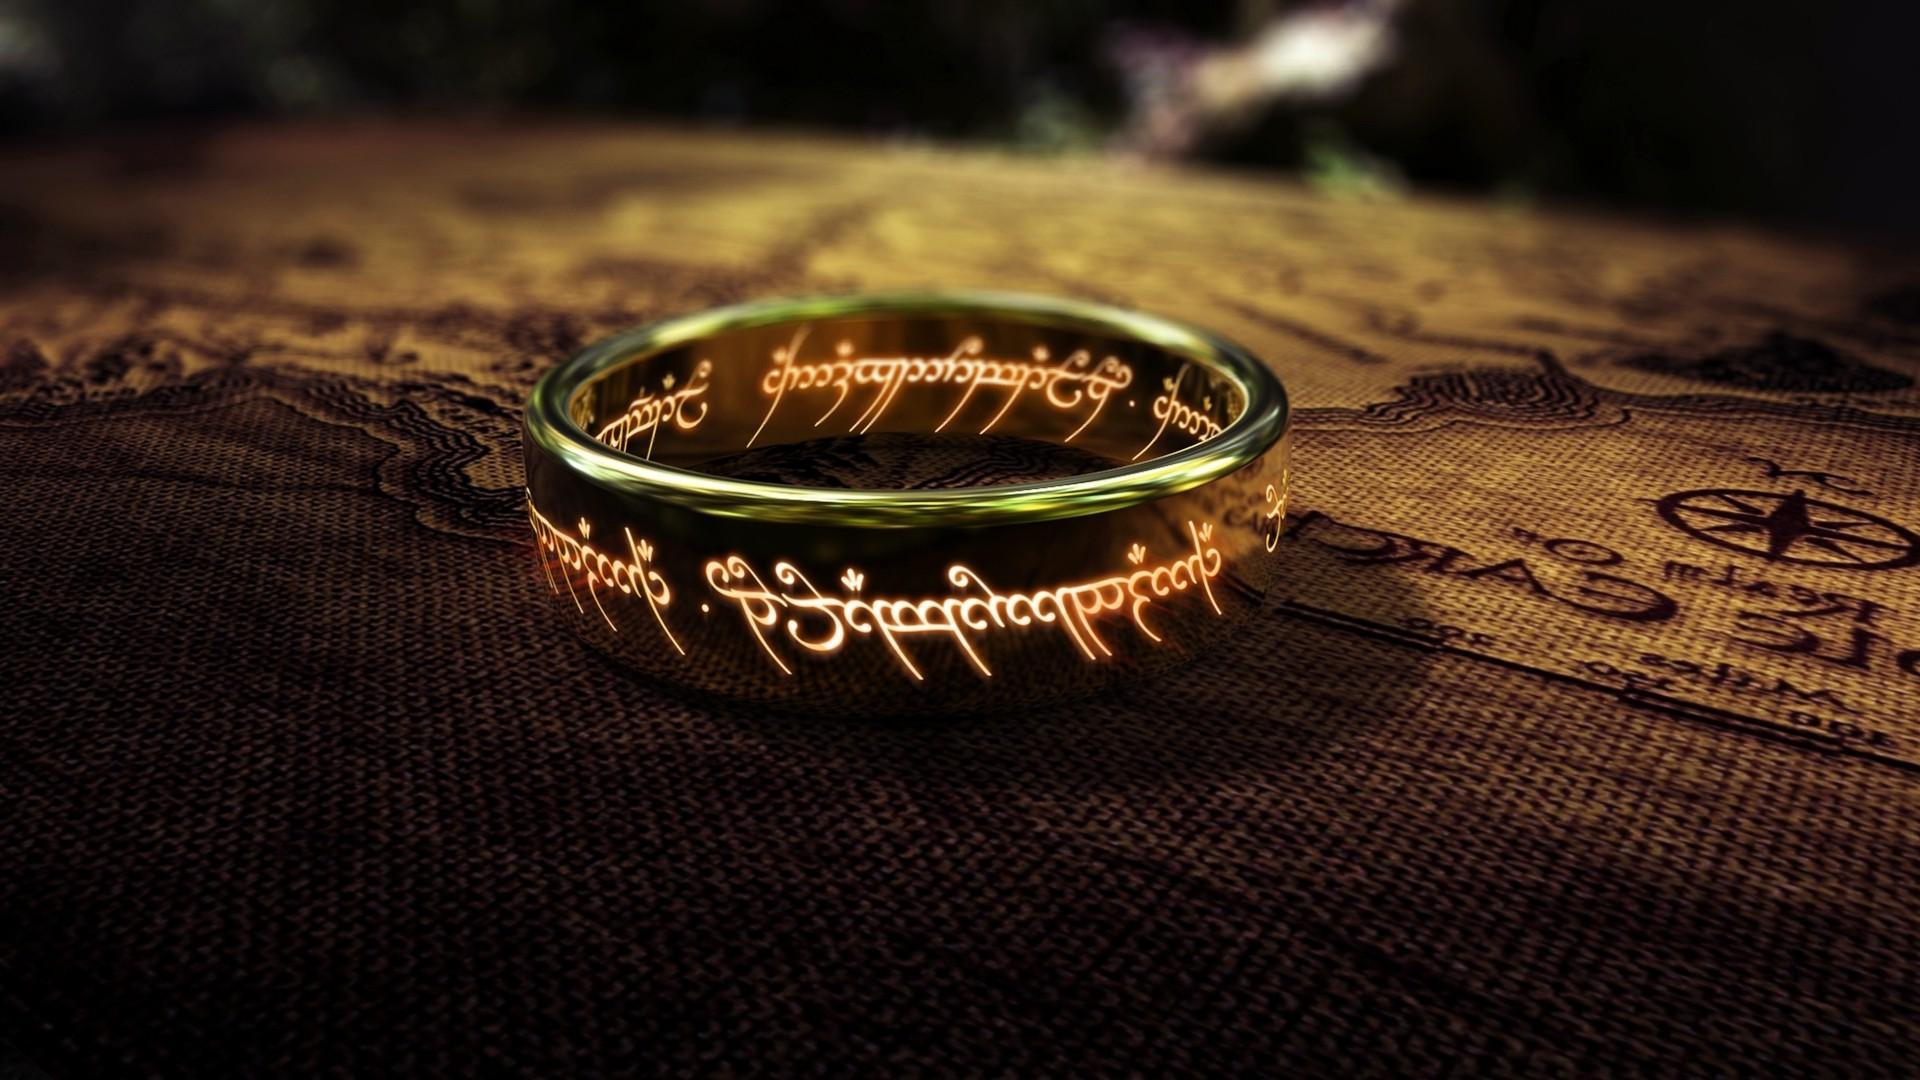 Un nouveau roman de JRR Tolkien publié à titre posthume cet été